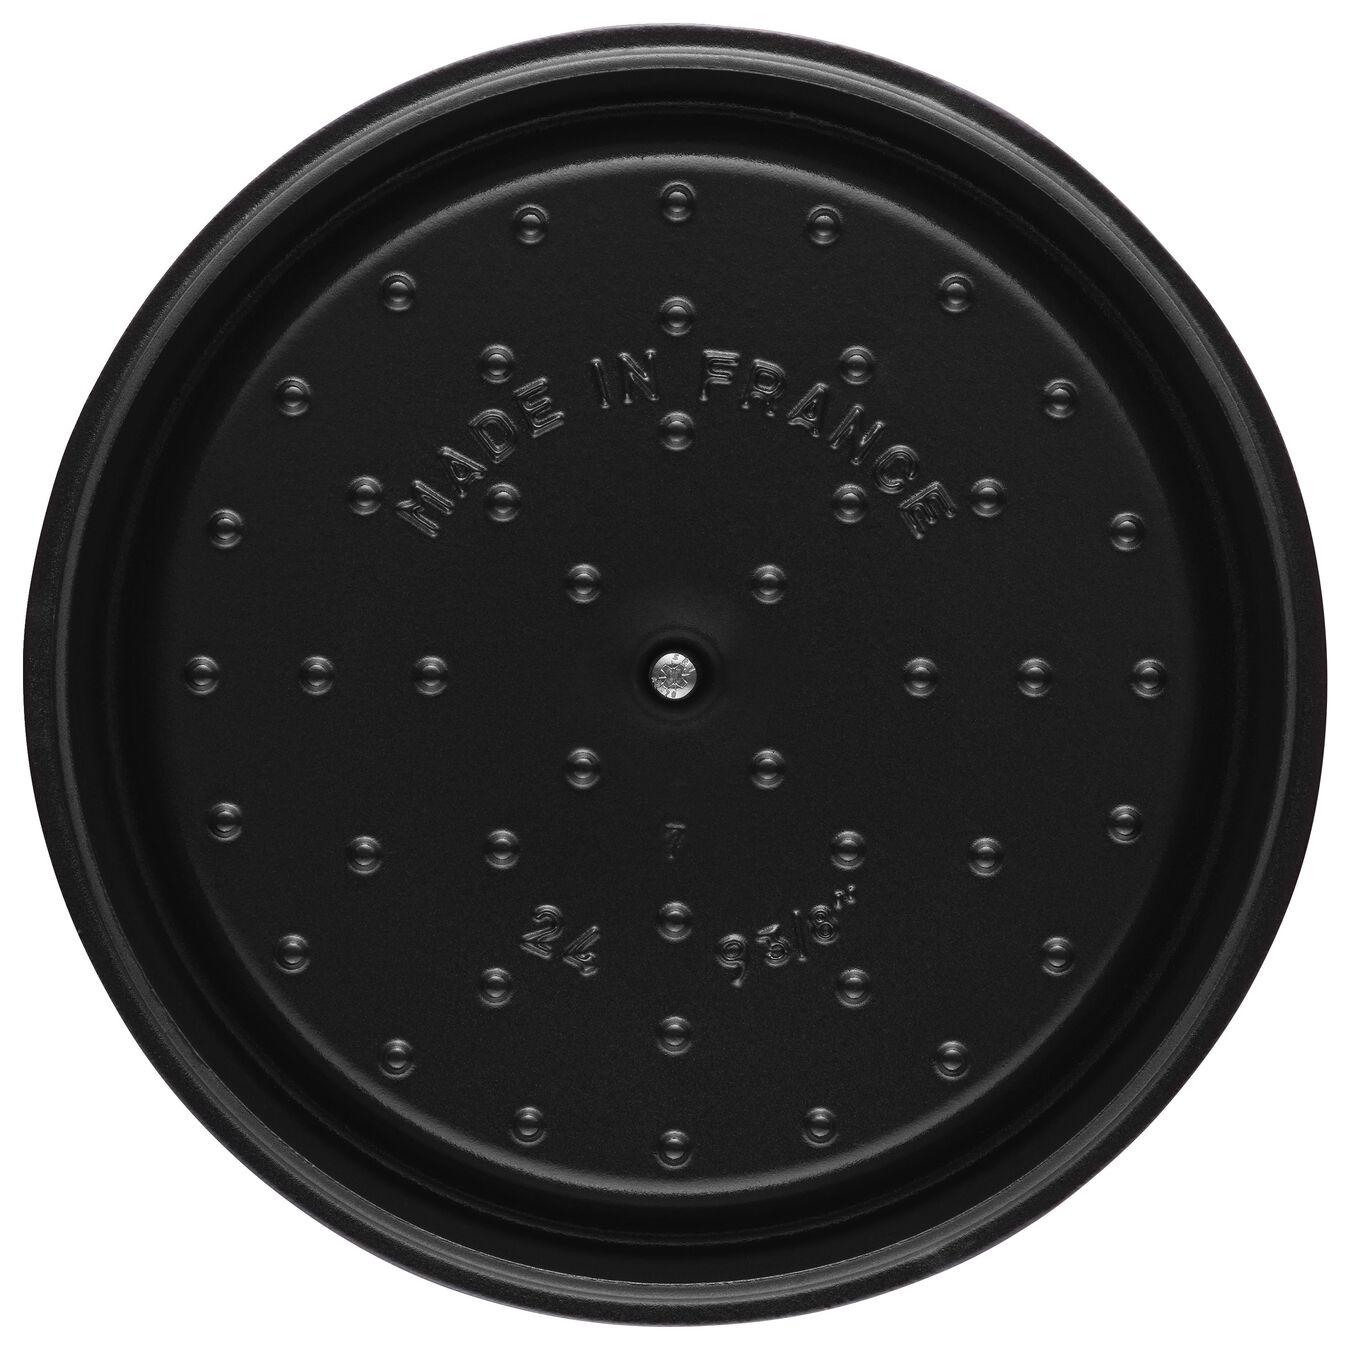 Cocotte 26 cm, rund, Bordeaux, Gusseisen,,large 6